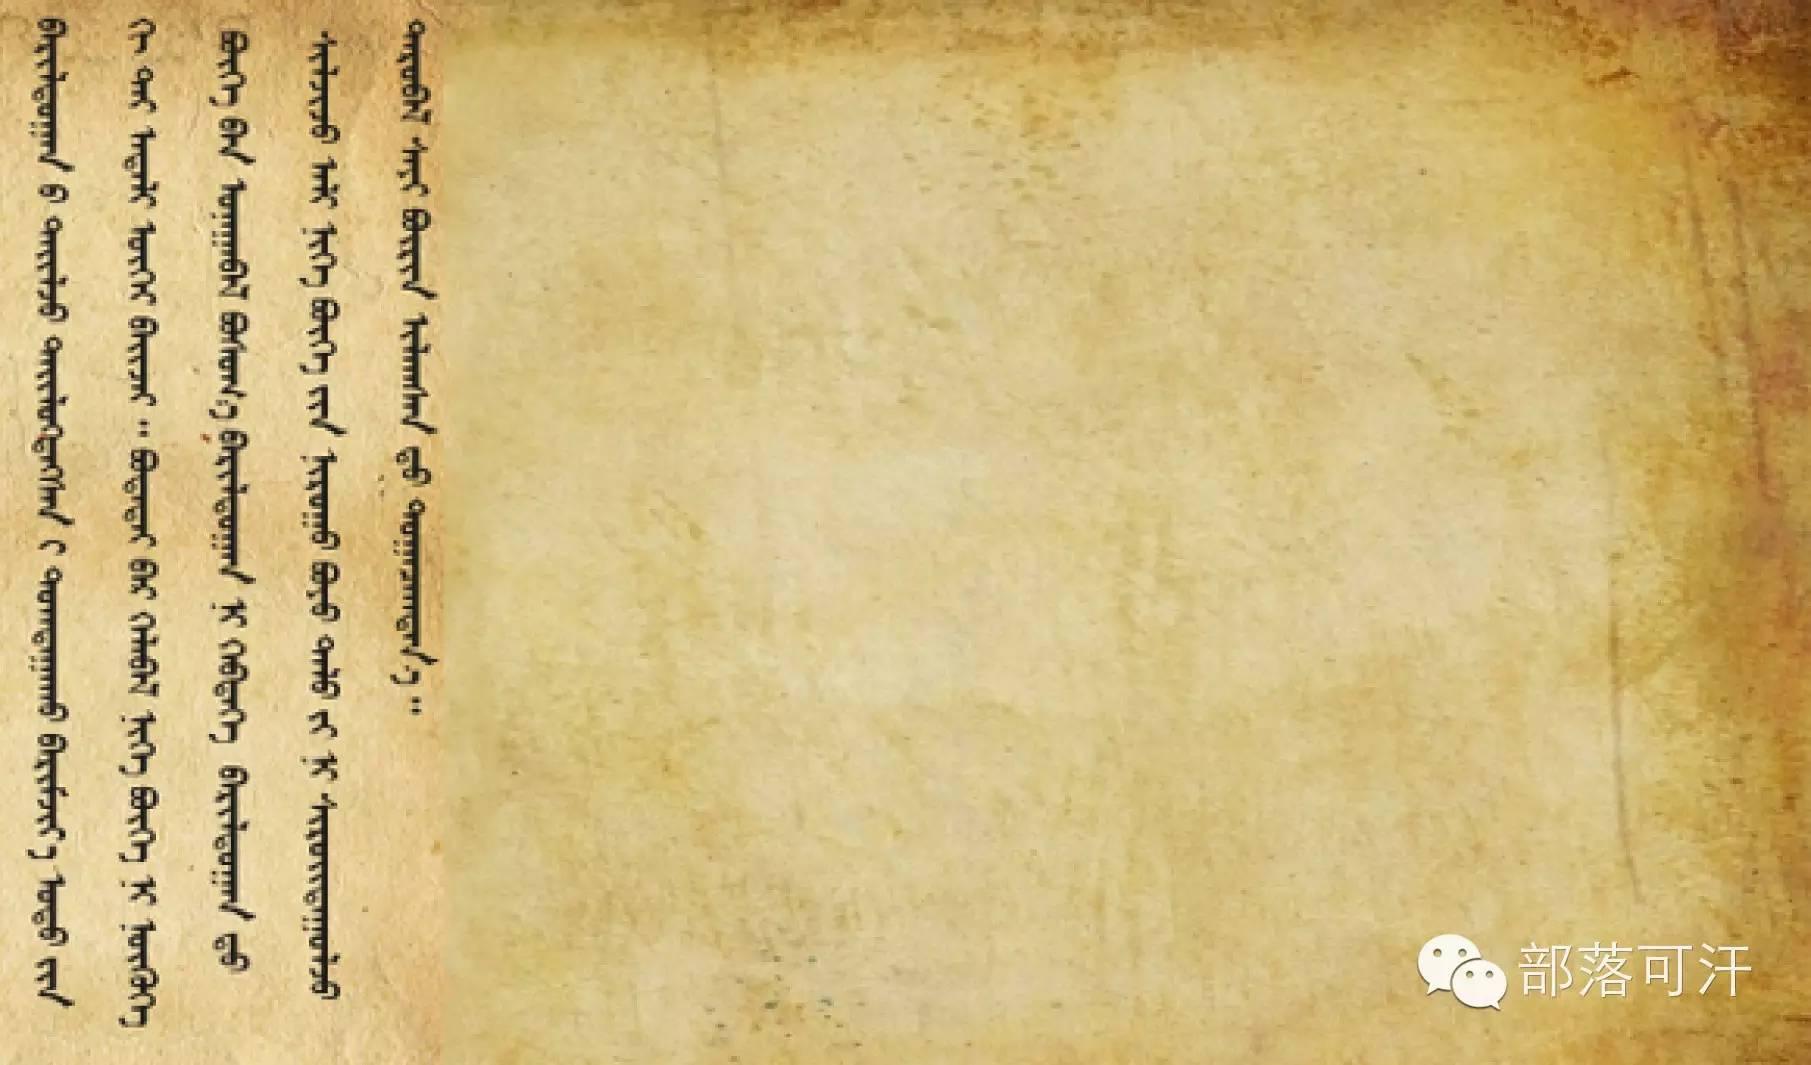 【记史资料】成吉思汗时代的蒙古式摔跤 第6张 【记史资料】成吉思汗时代的蒙古式摔跤 蒙古文化